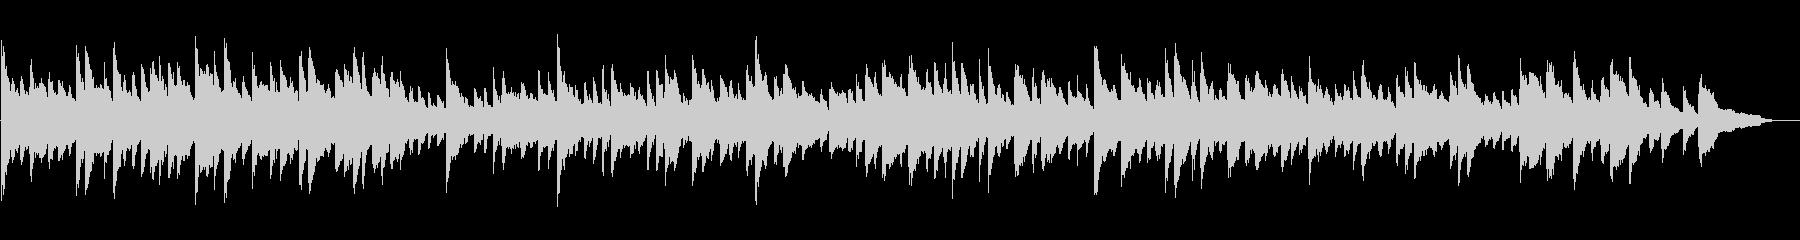 BGMに最適のピアノソロ音源の未再生の波形